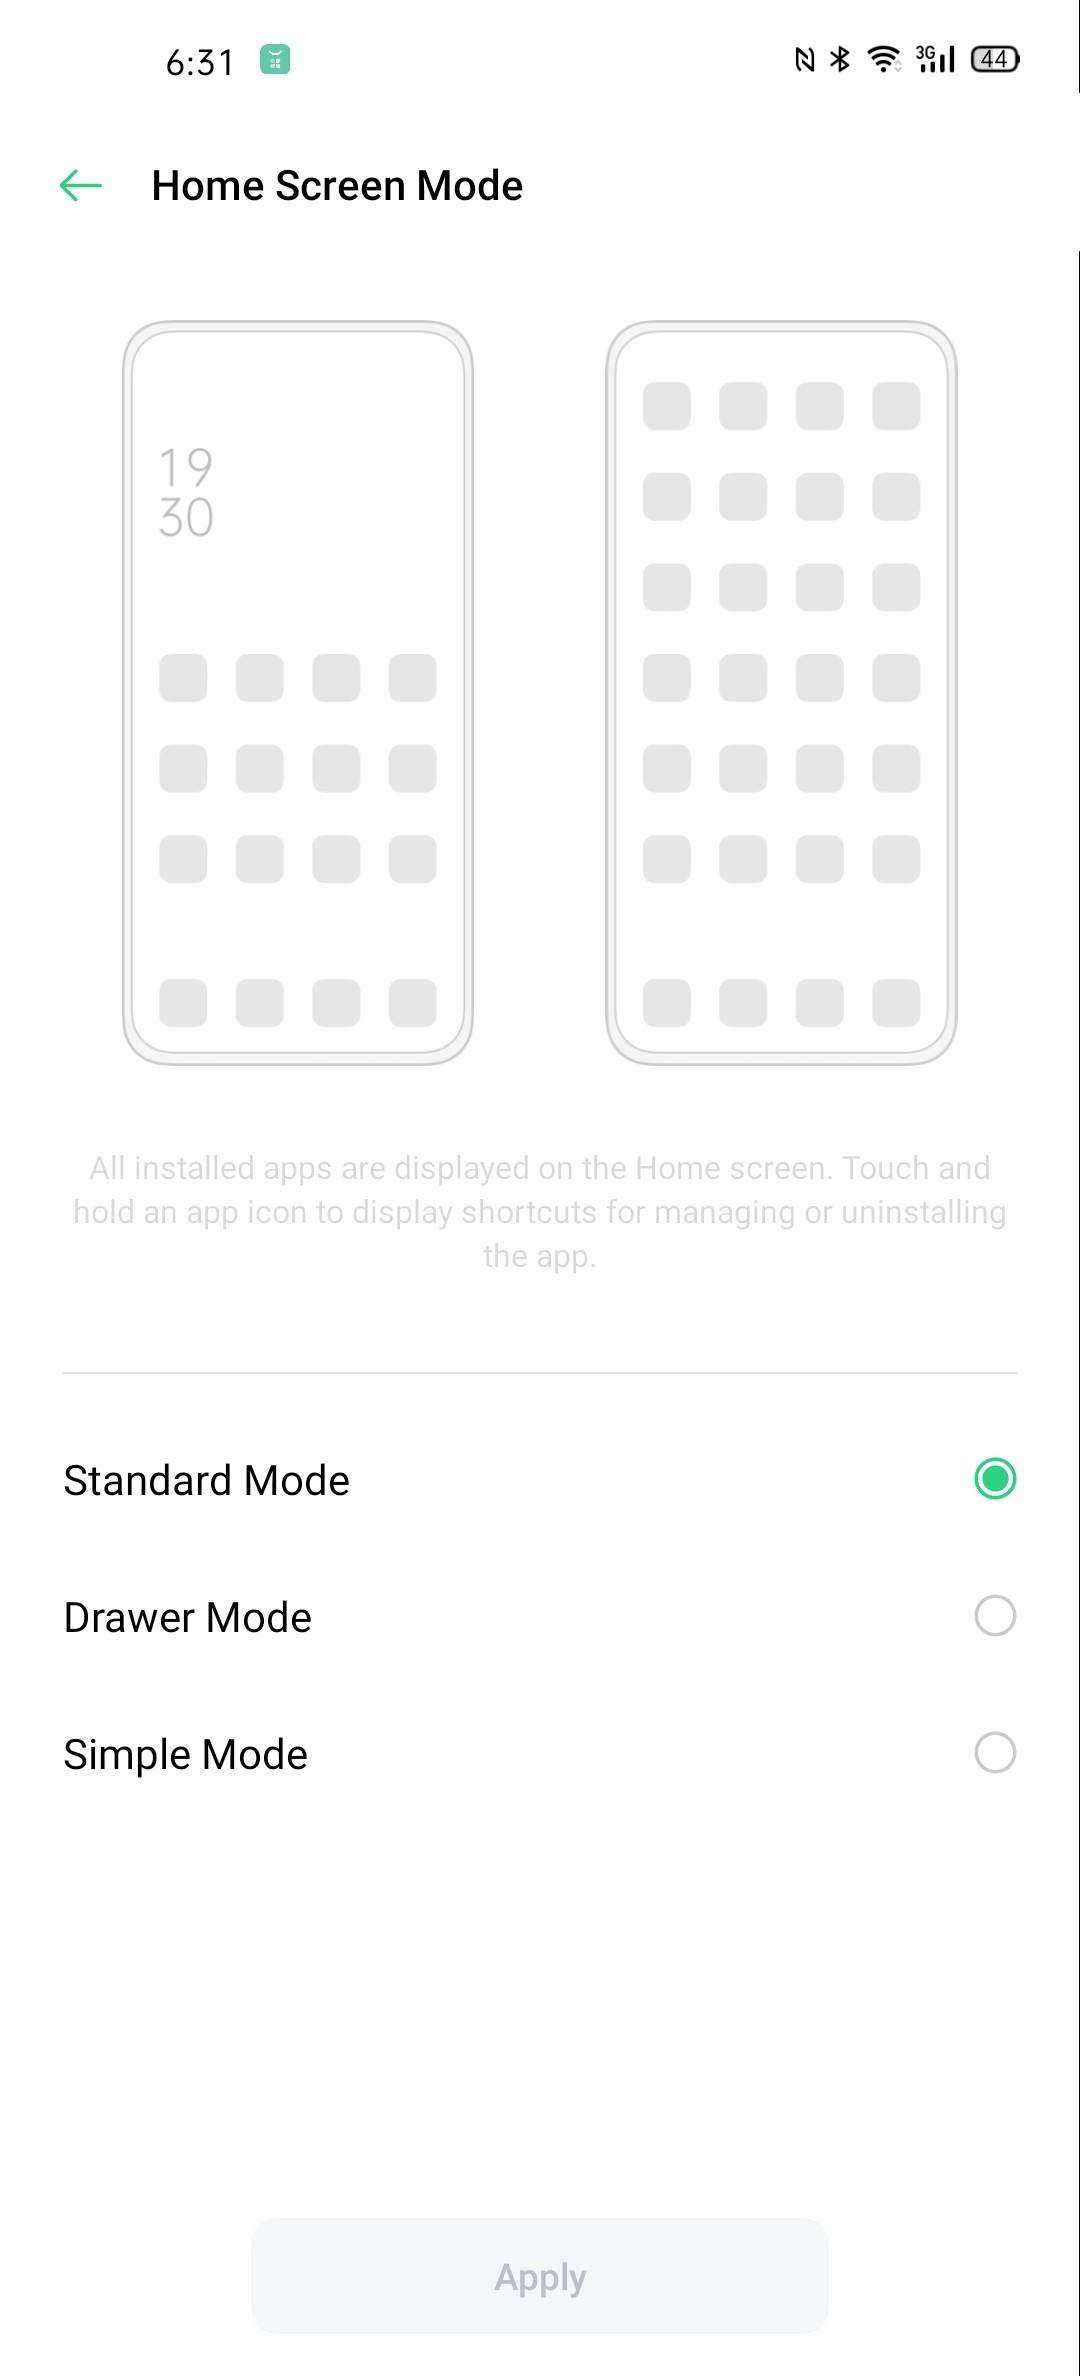 بررسی کامل و تخصصی گوشی Oppo Find X2: یار رابینسون کروزوئه